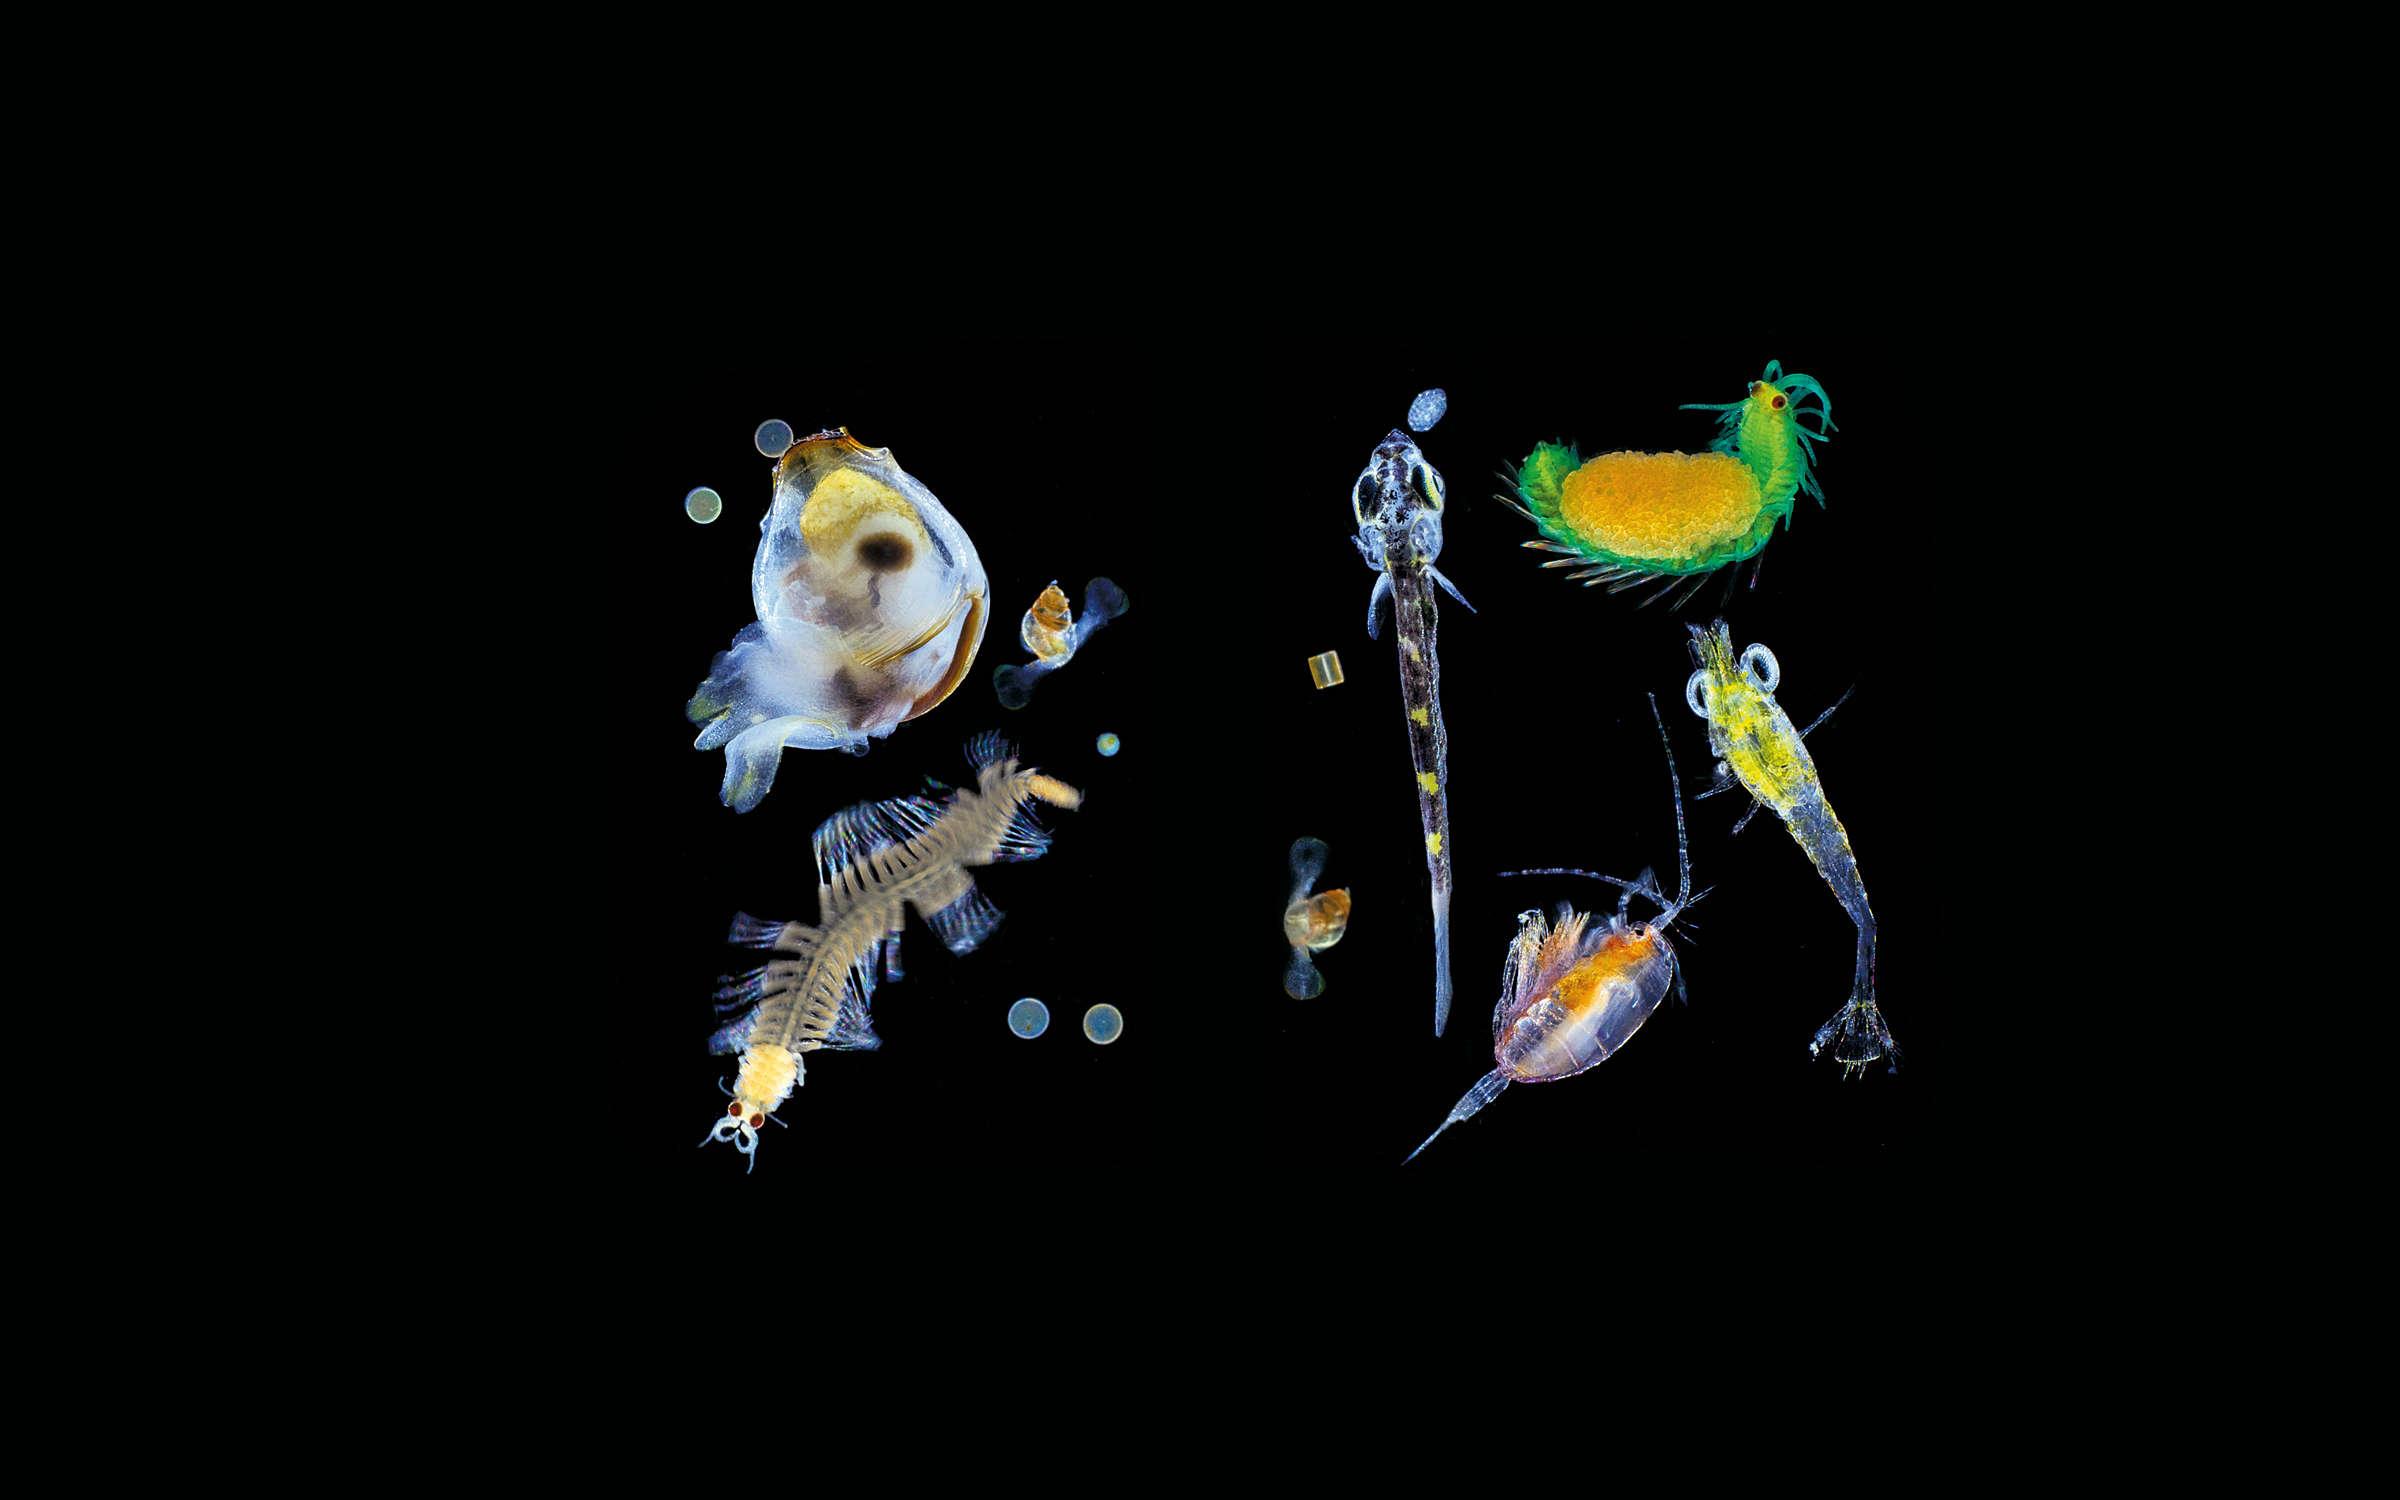 Mollusques, annélides, diatomées, larves de poisson et crustacés planctoniques, baie de Shimoda, Japon.